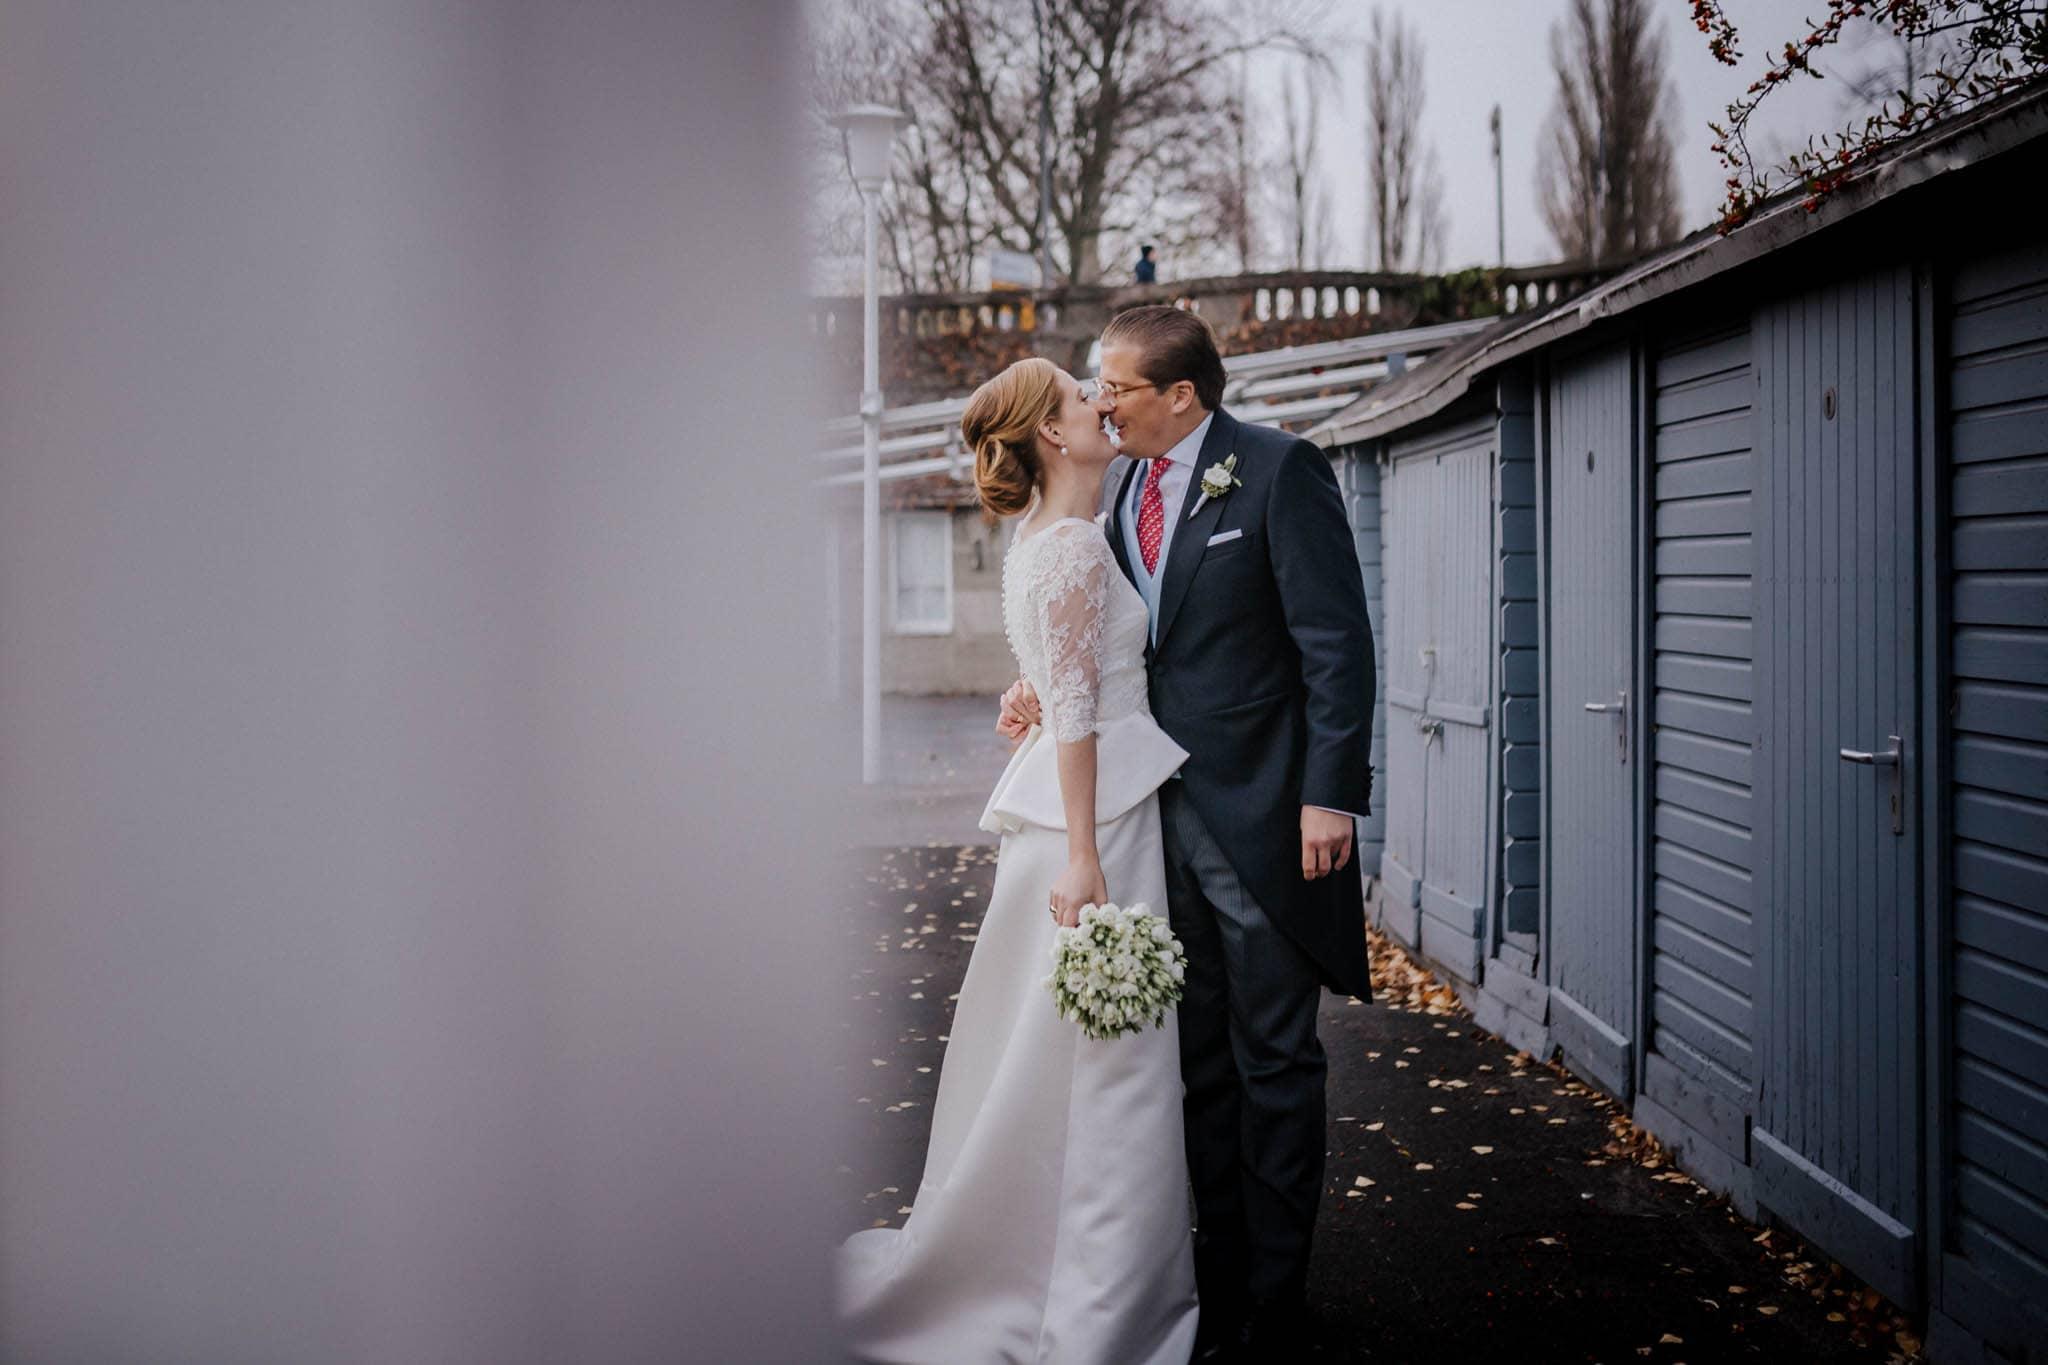 Hochzeitsfieber by Photo-Schomburg, Hochzeitsfotograf, Hamburg,Hochzeitstag, Hochzeitspaar, Braut, Bräutigam, Literaturhauscafe Hamburg-45